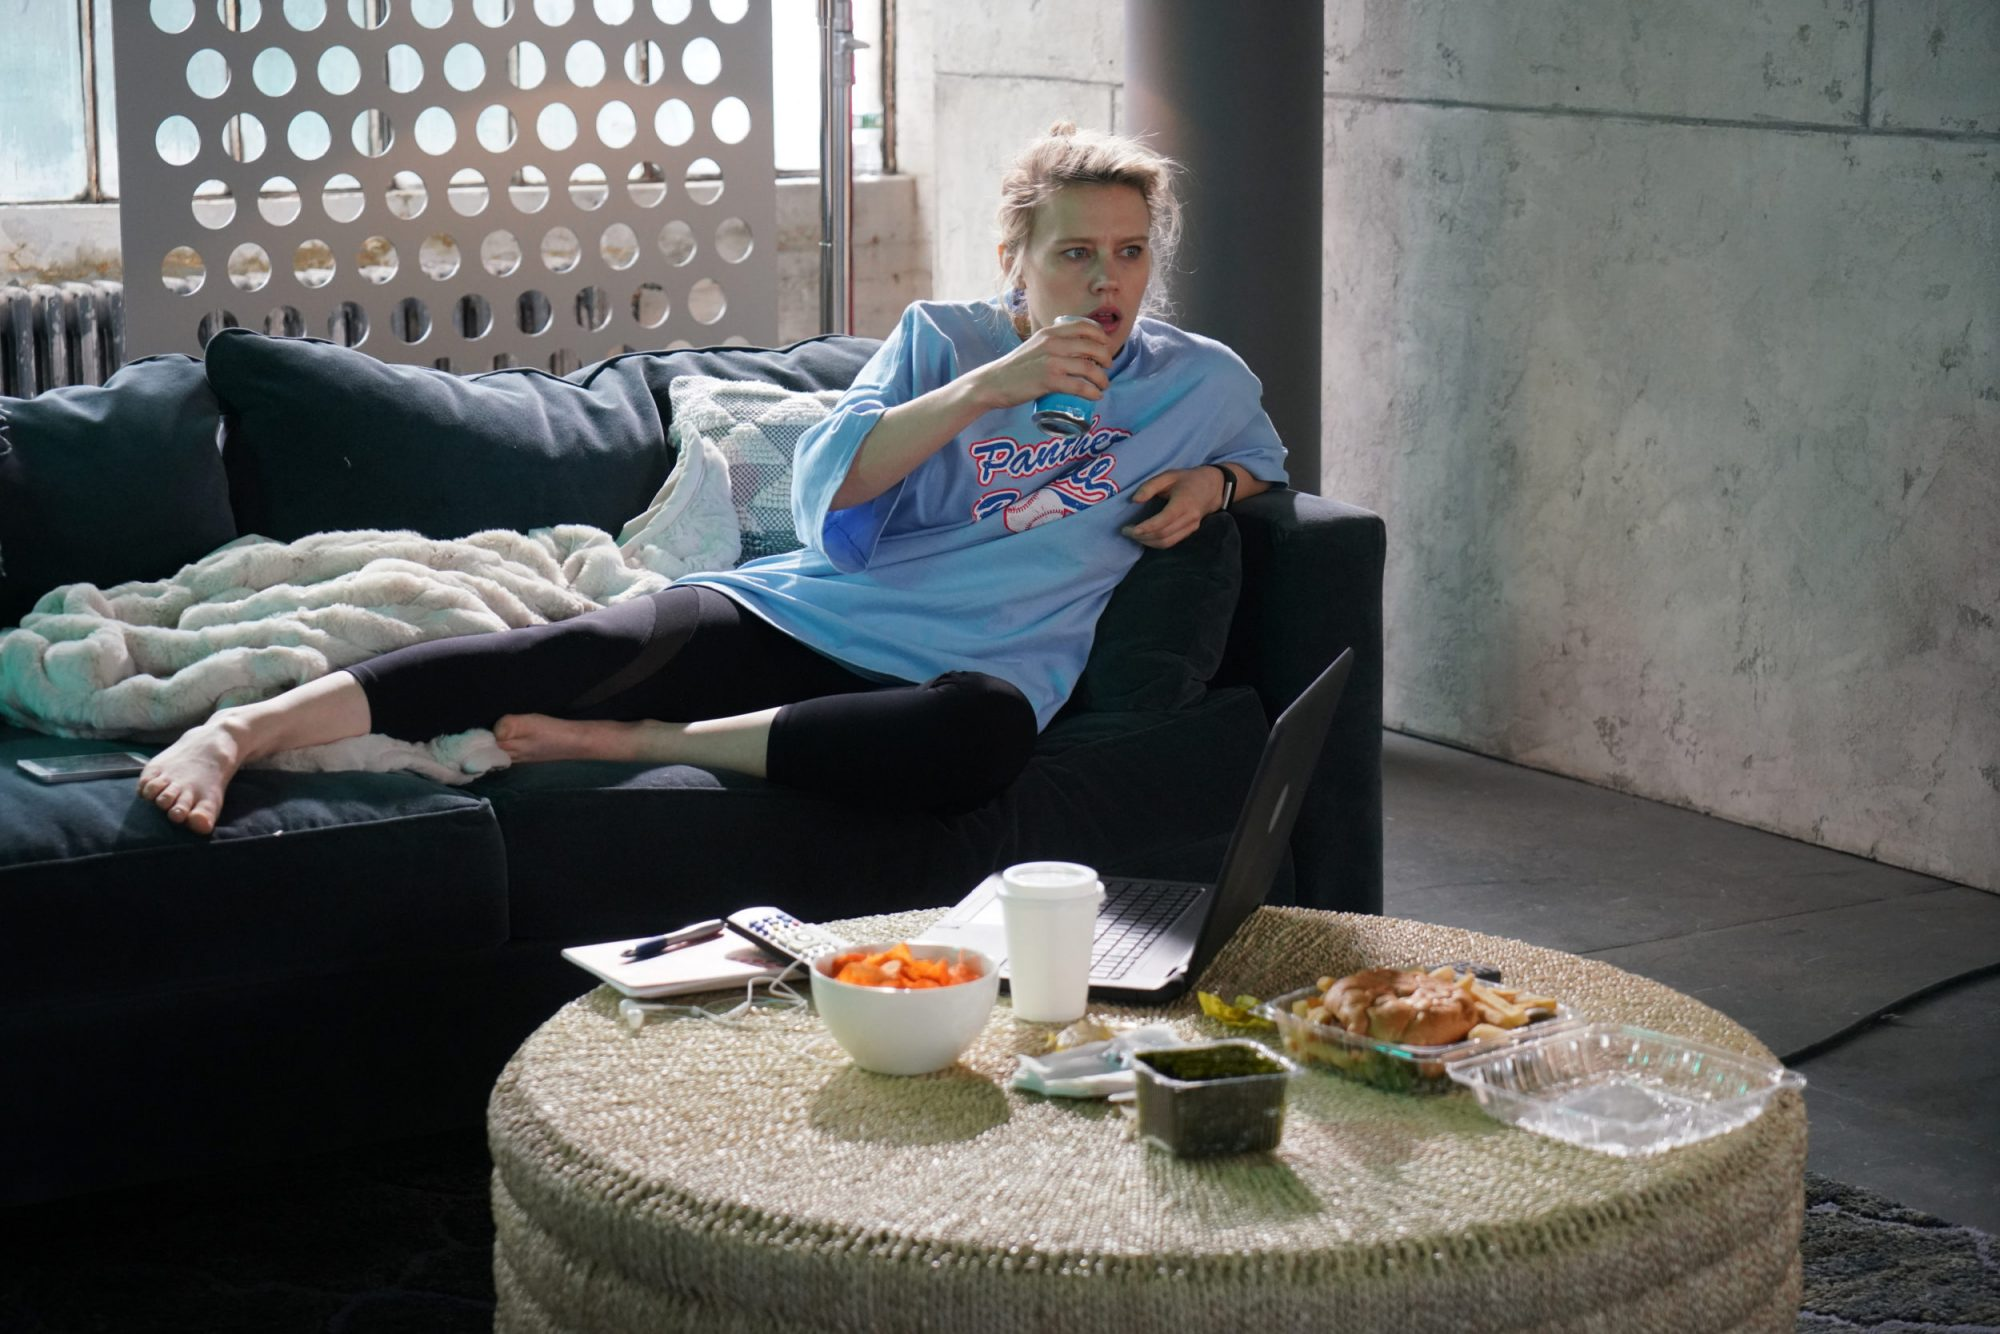 Photo of Kate McKinnon in Pro-Chiller Leggings Commercial on SNL